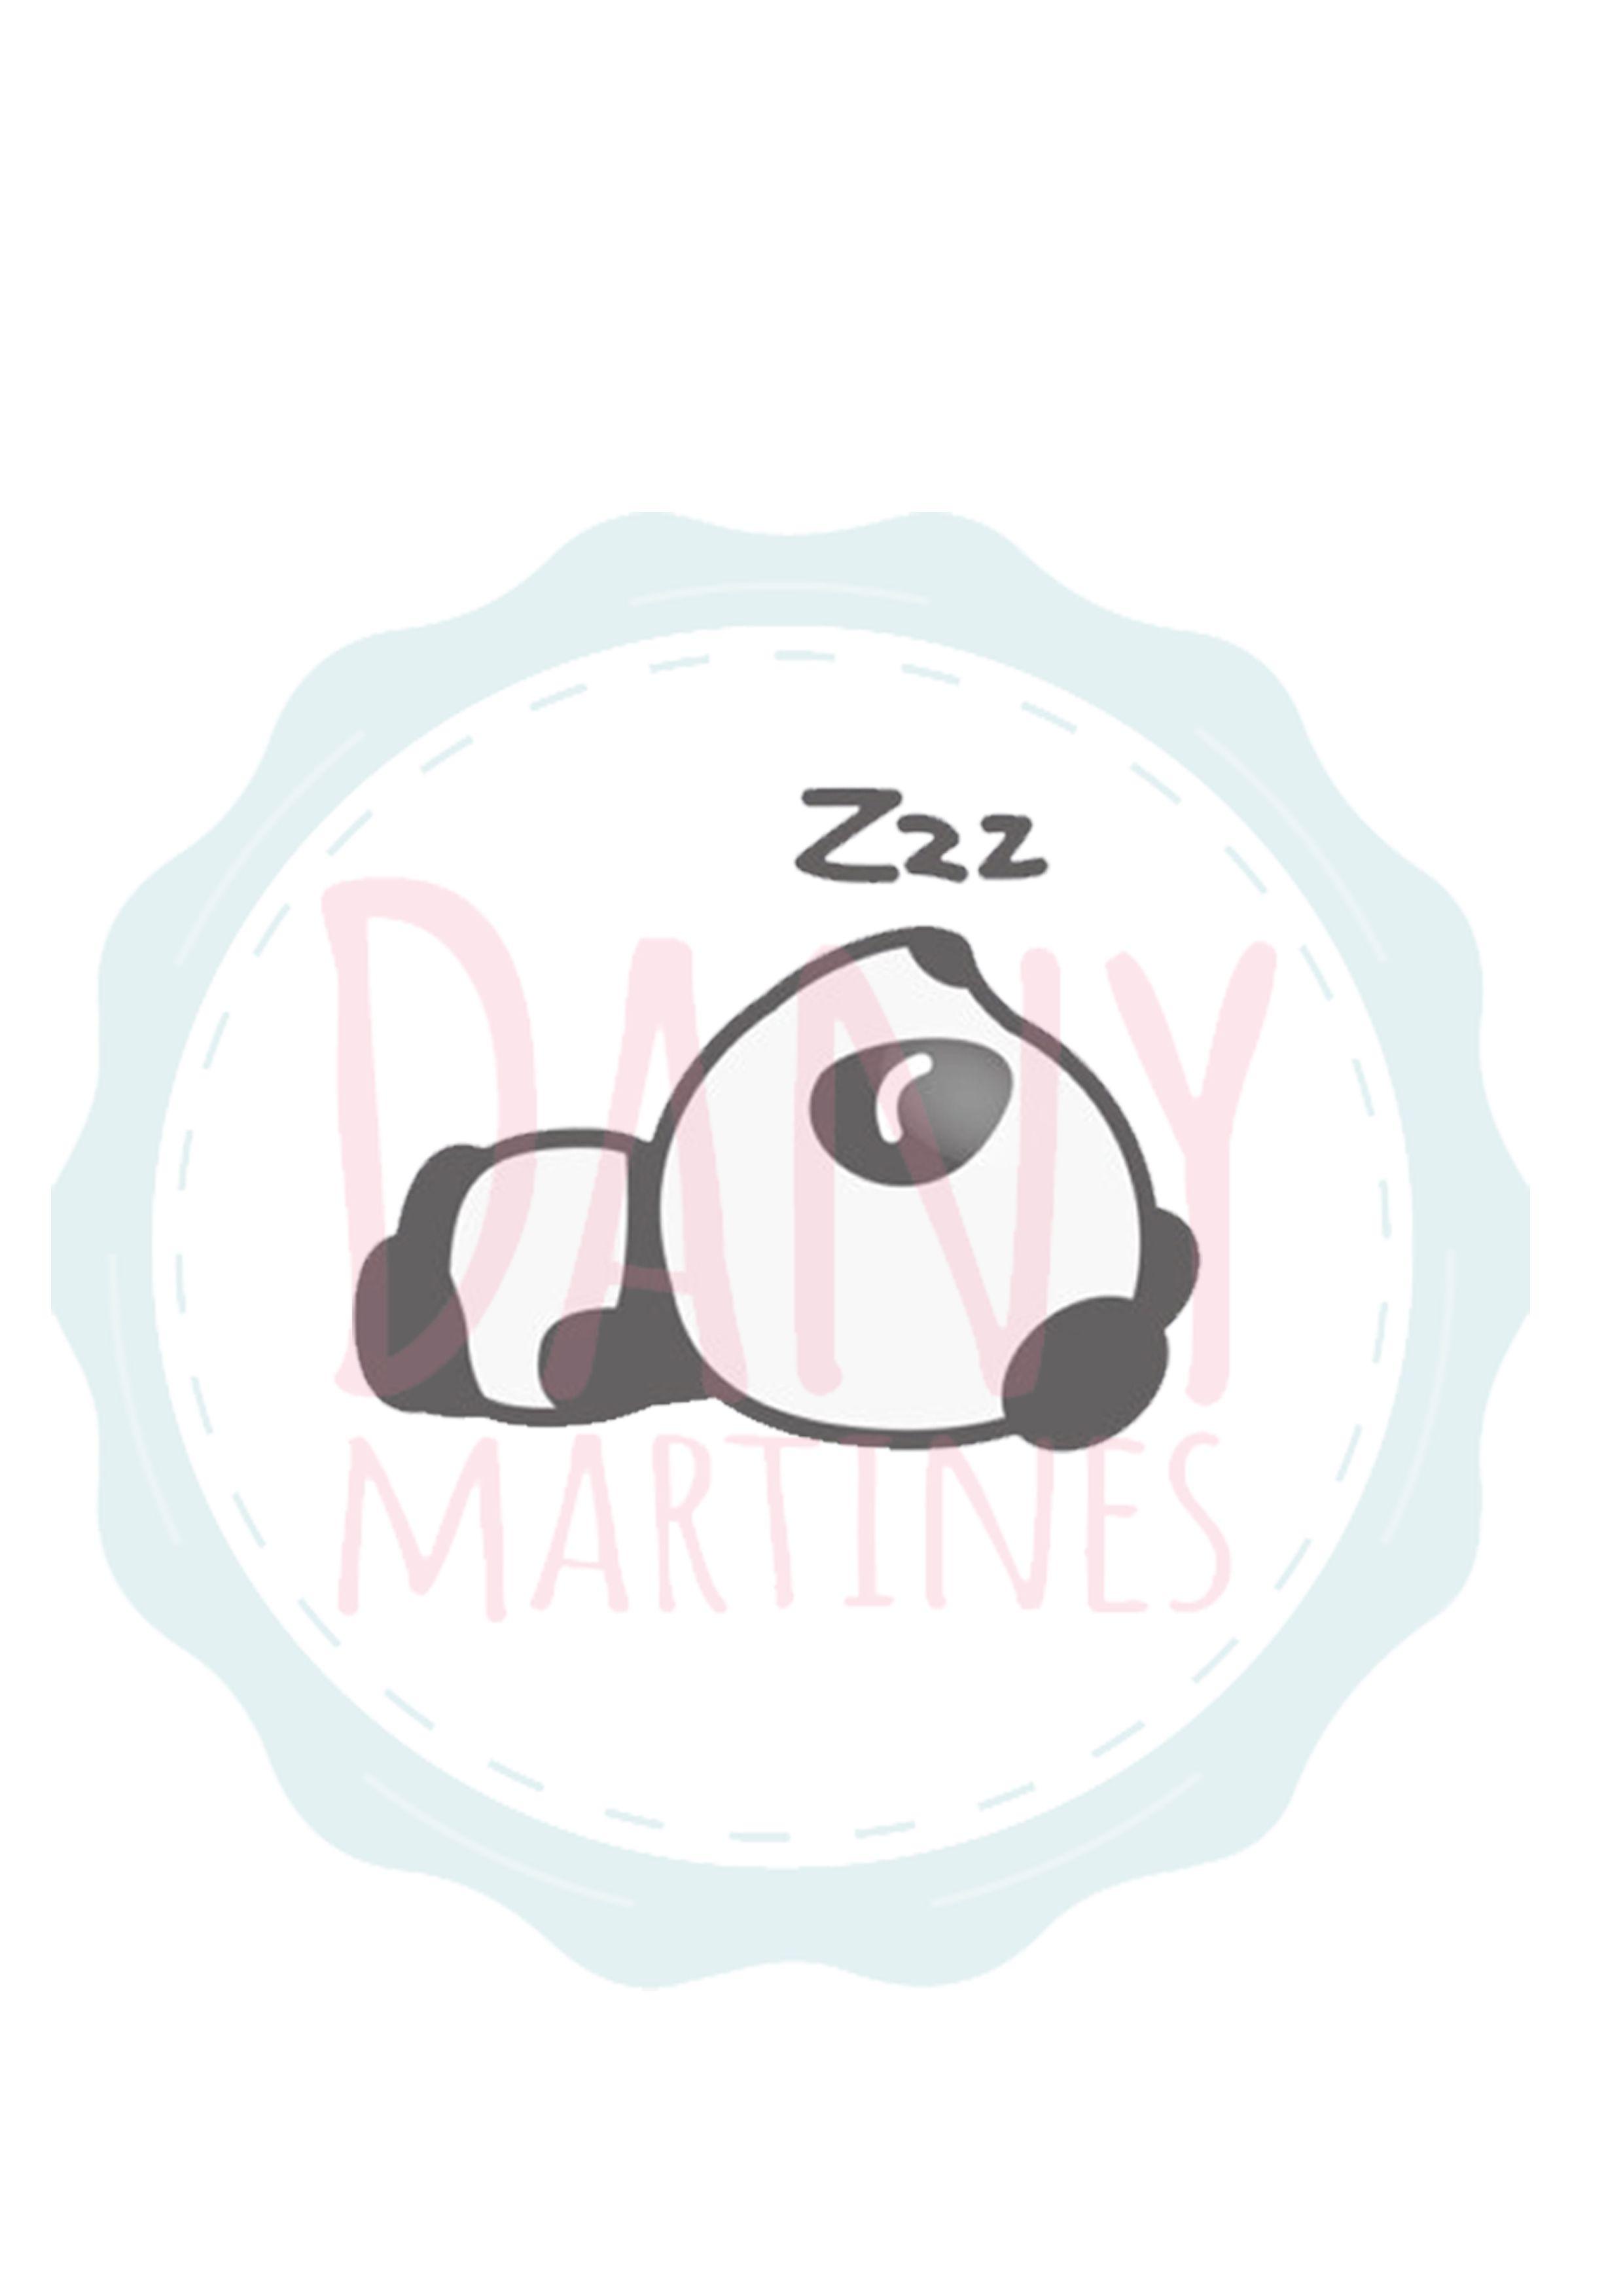 Ilustração De Panda, Imagens Inspiradoras, Ideias Para Artesanato, Coisas  Legais, Ideias Criativas 57ee781edc